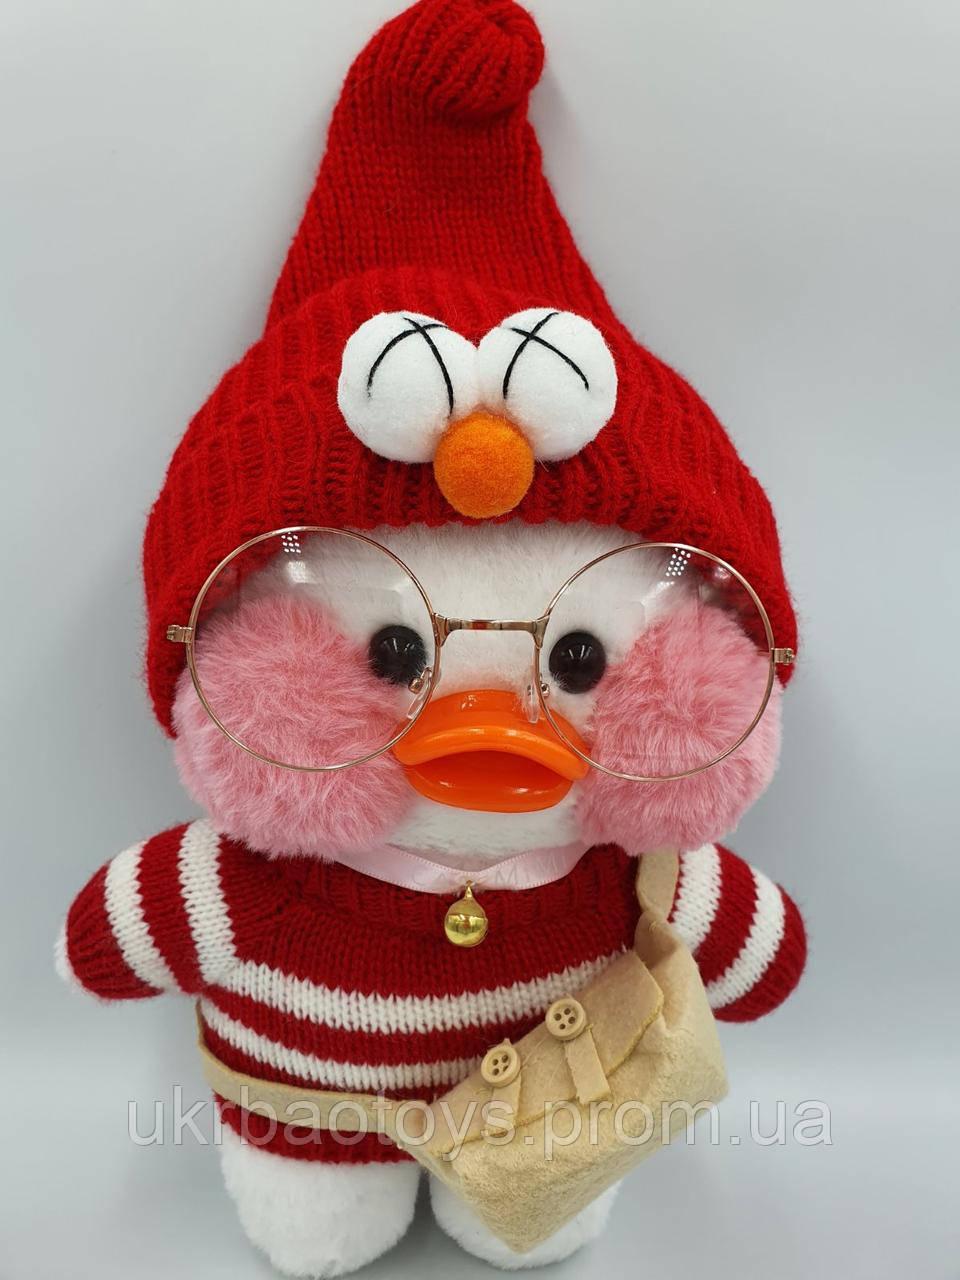 """Мягкая игрушка уточка """"Сafe-mimi duck в красном свитере и шапочке"""" 30 см."""